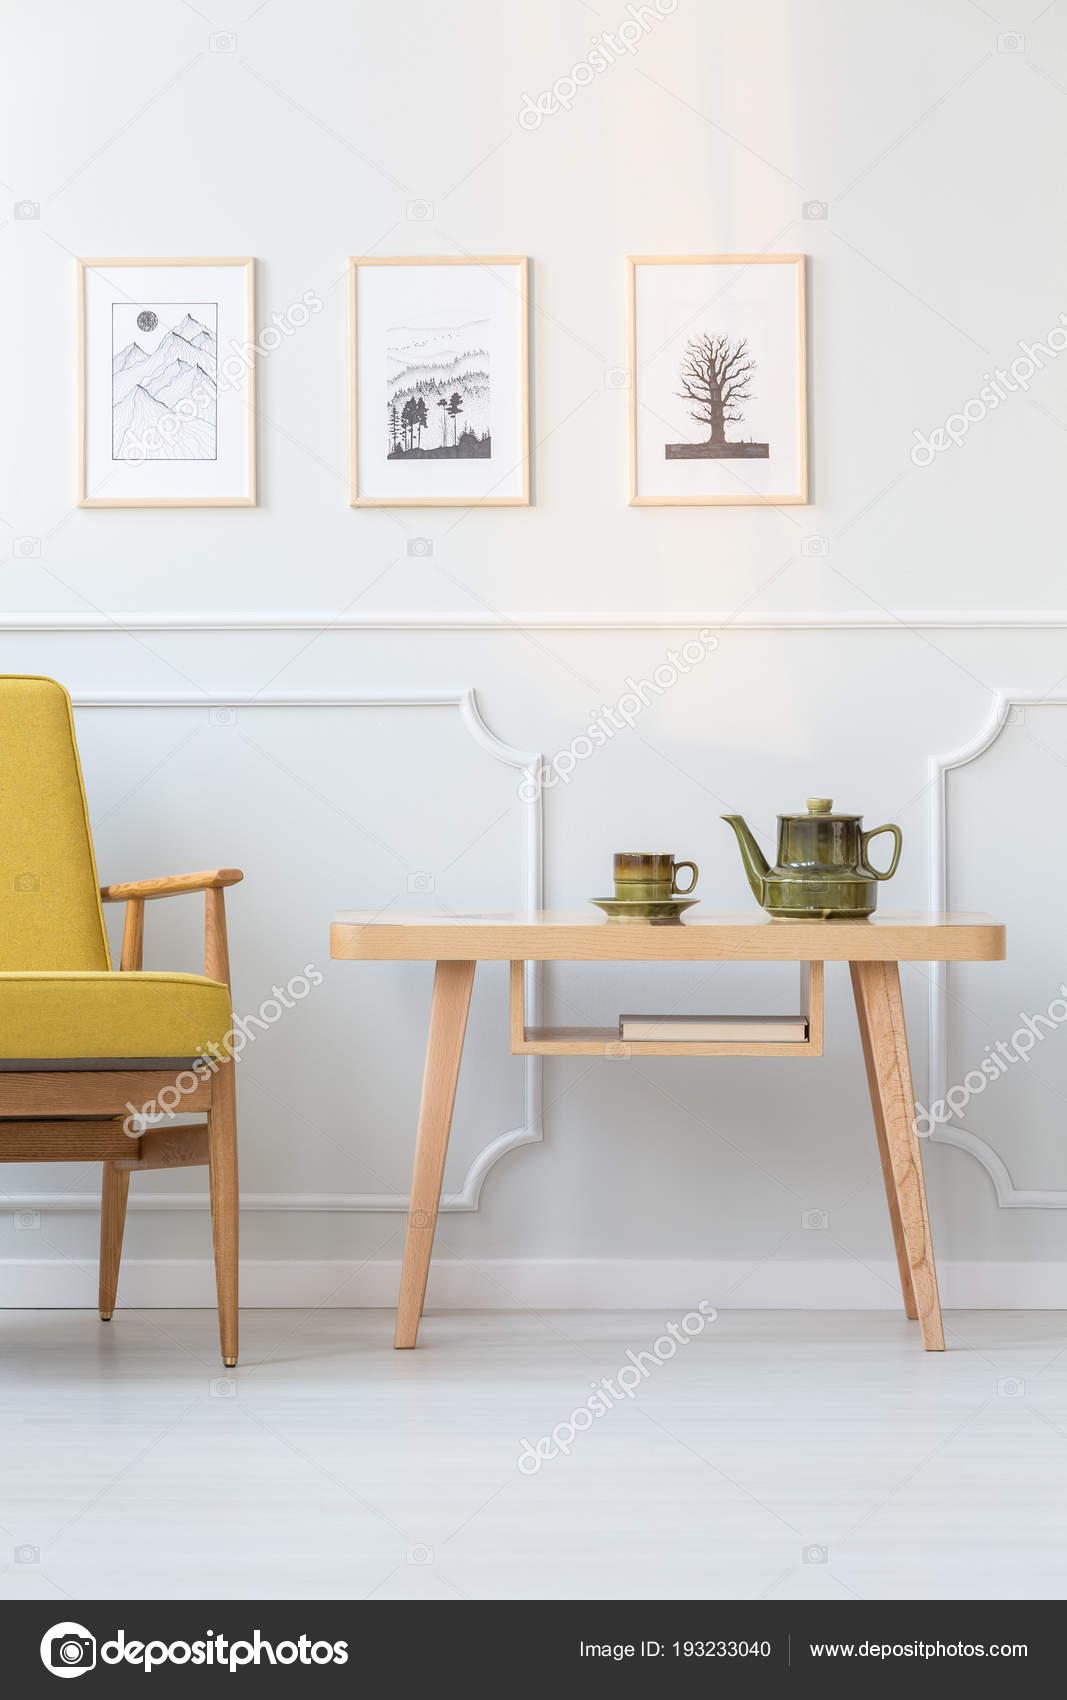 Grünen Kessel Auf Holztisch Neben Gelben Sessel Vintage Wohnzimmer